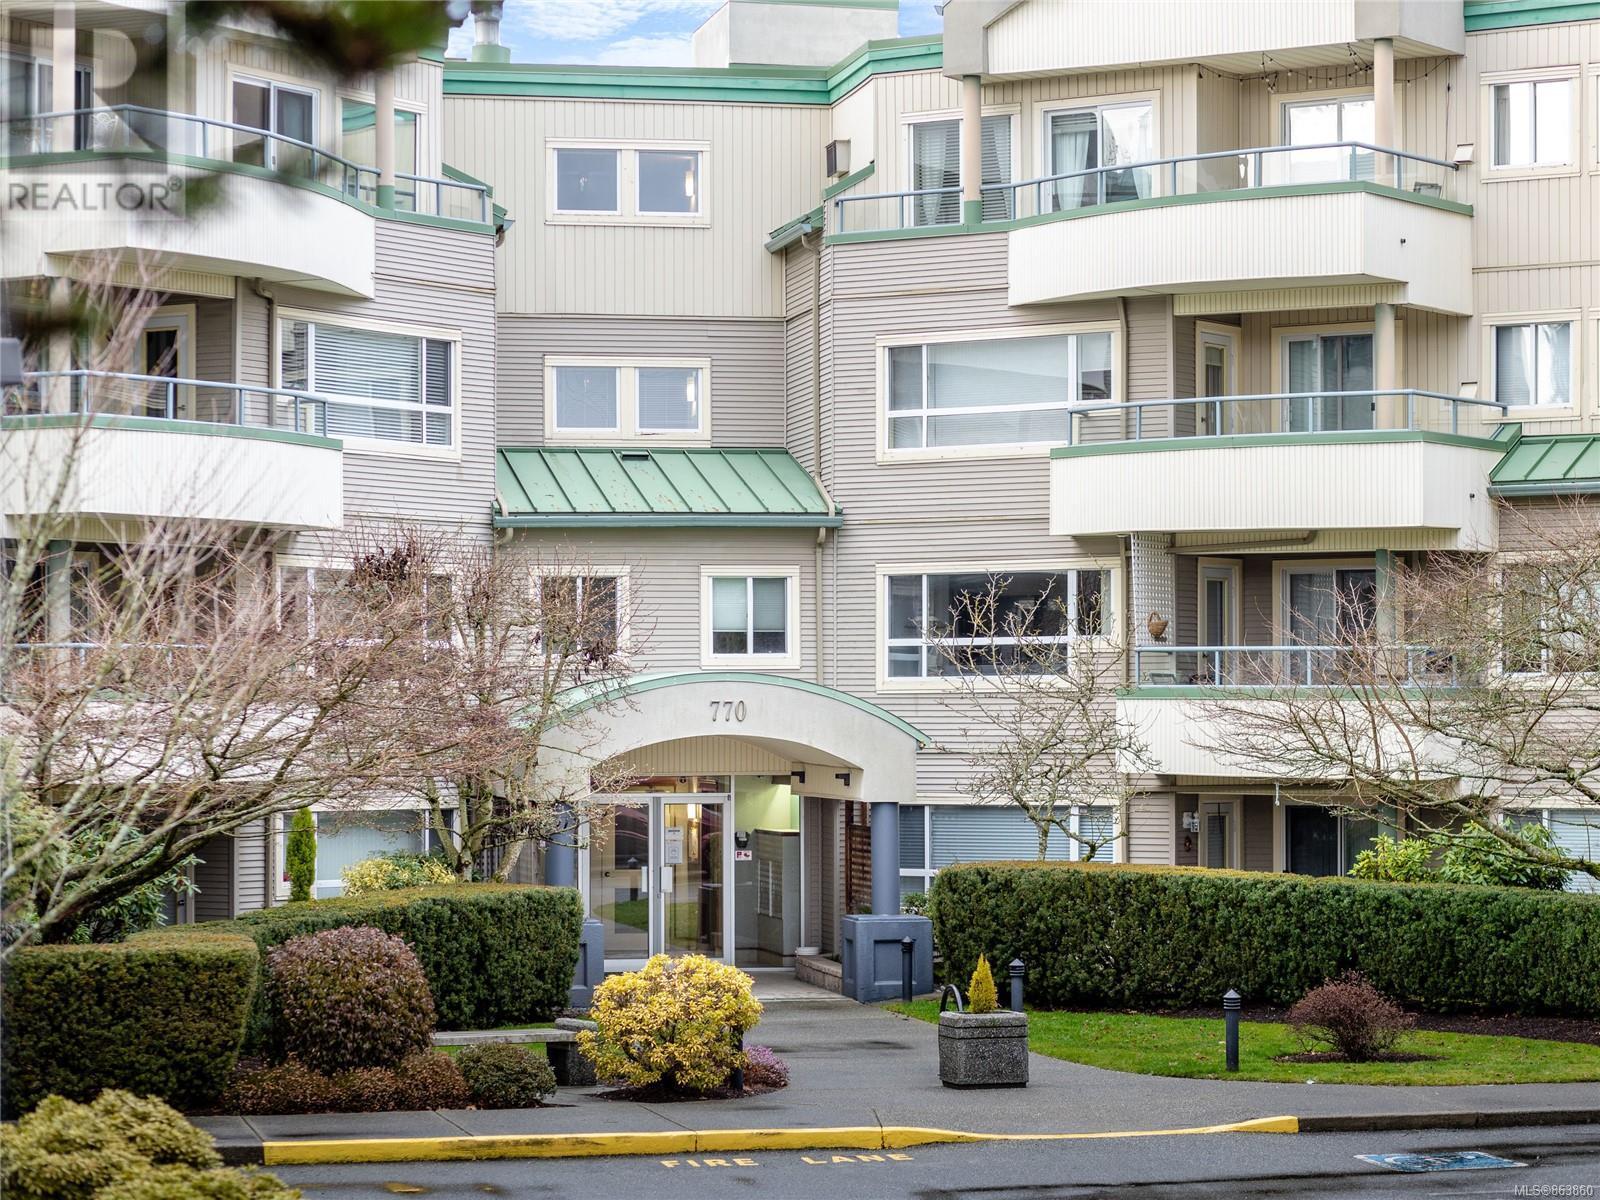 213 770 Poplar St, Nanaimo, British Columbia  V9S 2H6 - Photo 24 - 863860